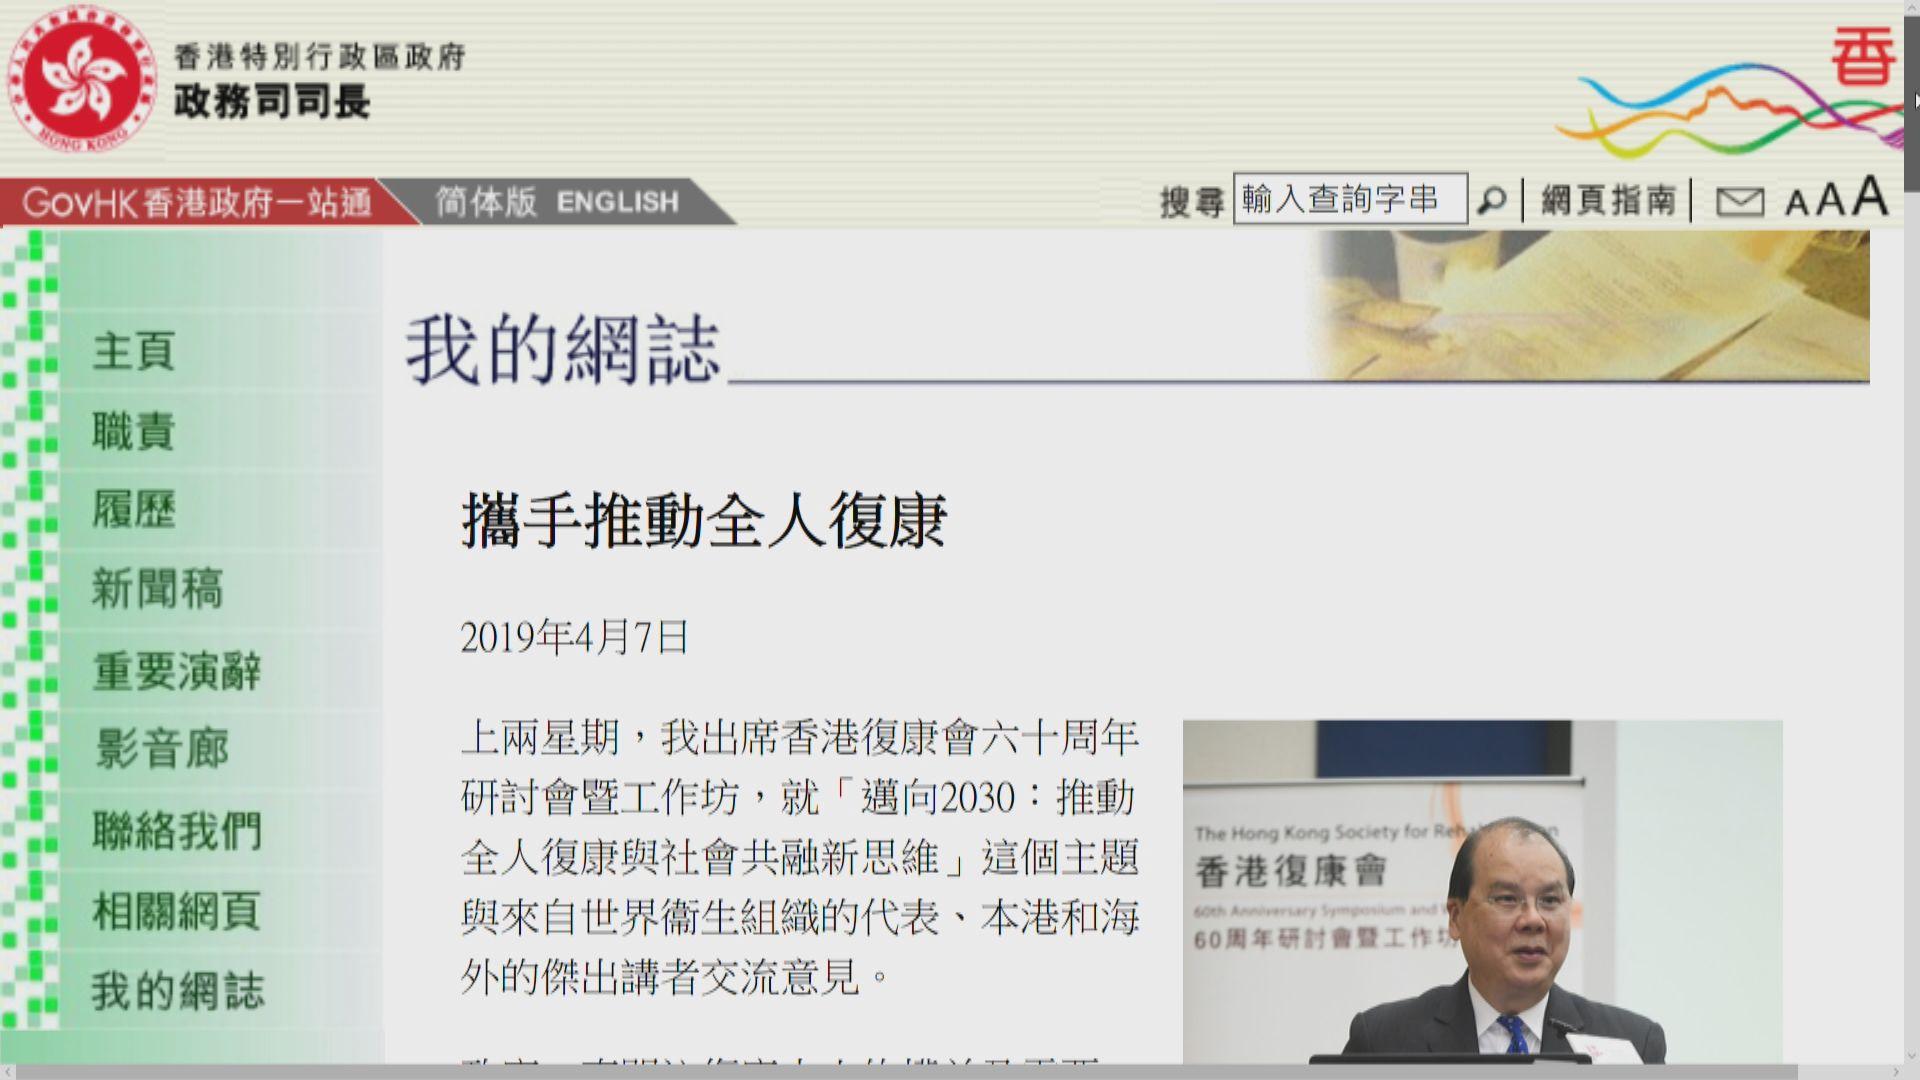 張建宗:支援康復及殘疾人士資源不斷增加